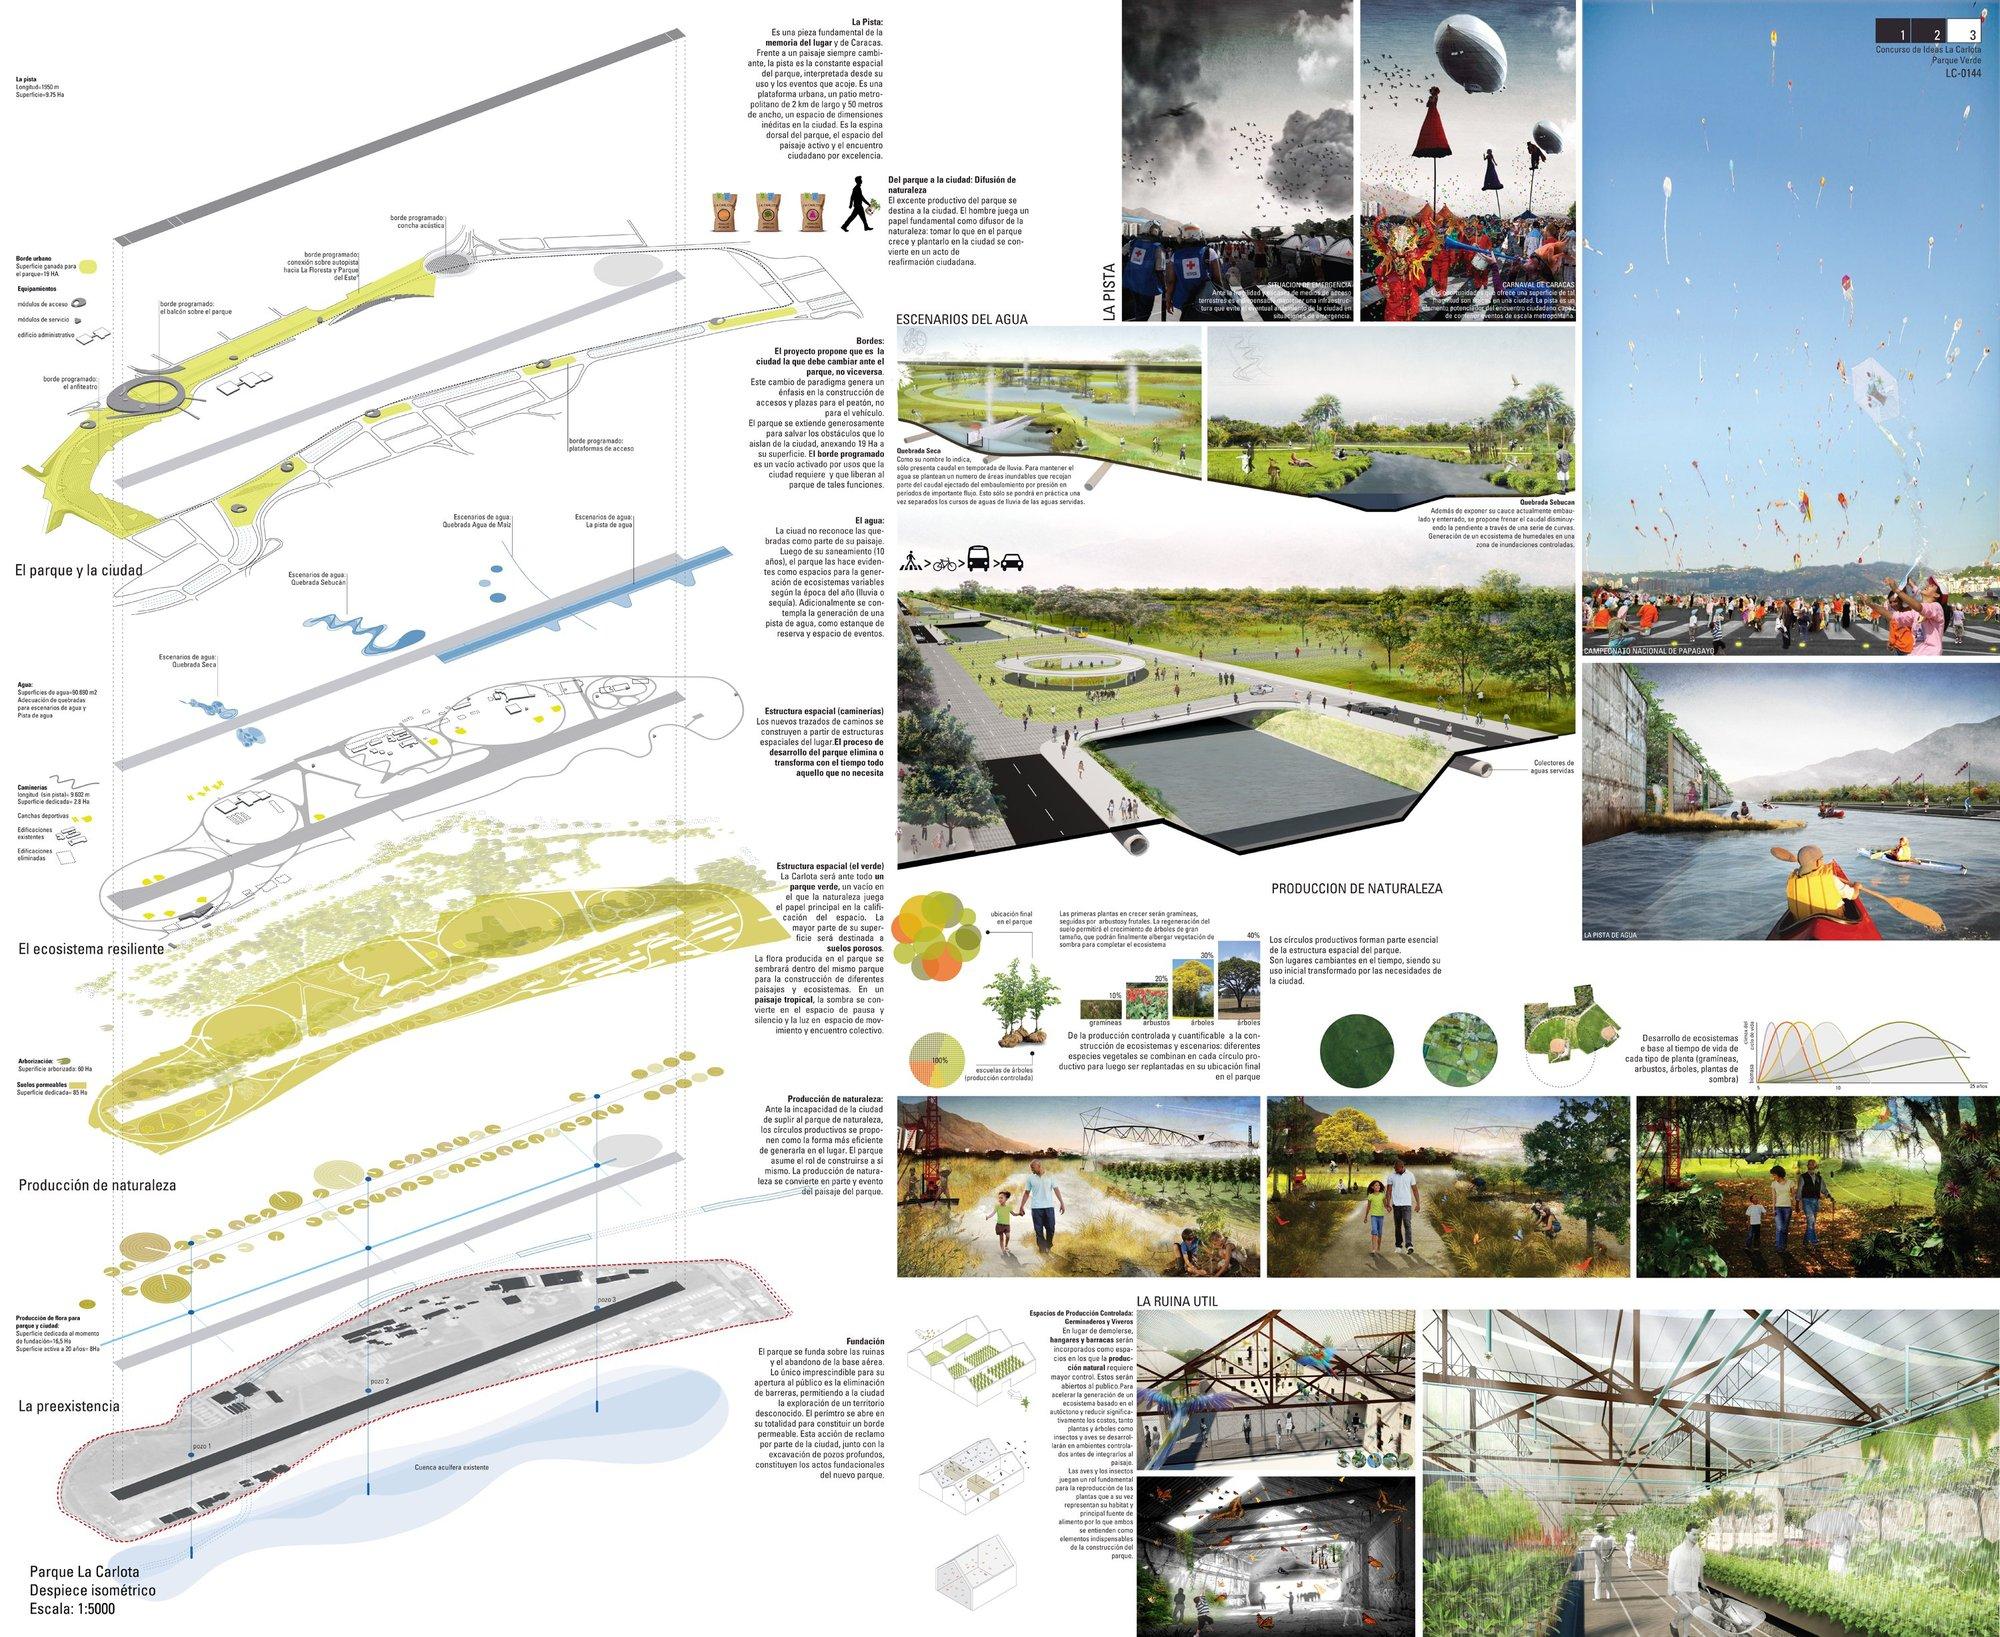 Menci n concurso parque metropolitano la carlota for Arquitectura de proyectos